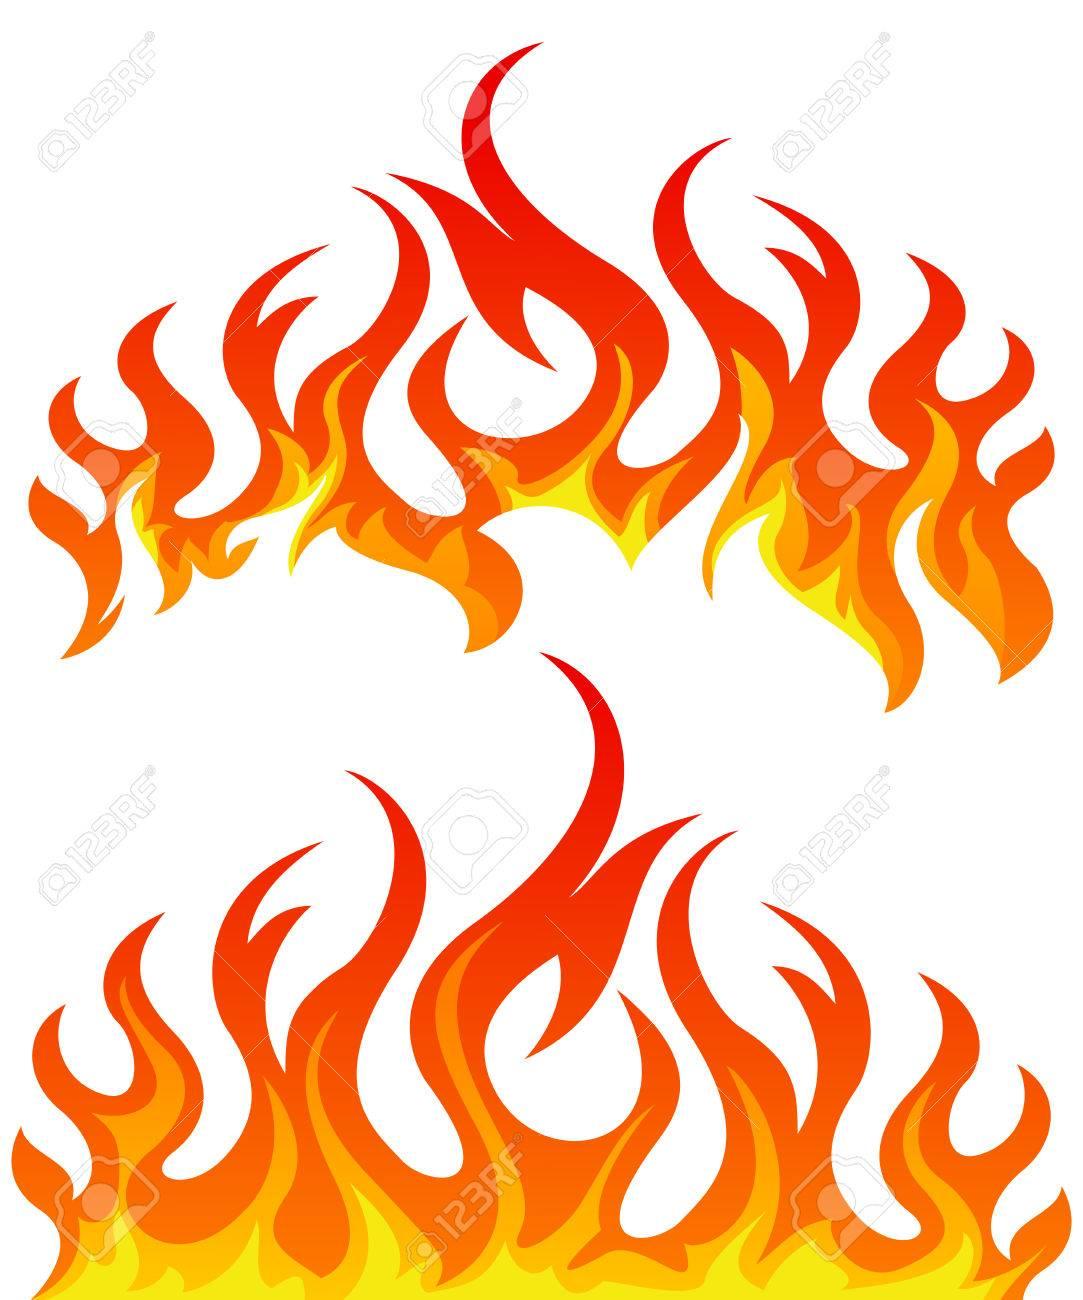 Feuer Flamme Heiß Hitze Brennen Vektor-Grafik Isoliert Illustration  Flammend Lizenzfrei Nutzbare Vektorgrafiken, Clip Arts, Illustrationen.  Image 61126192.